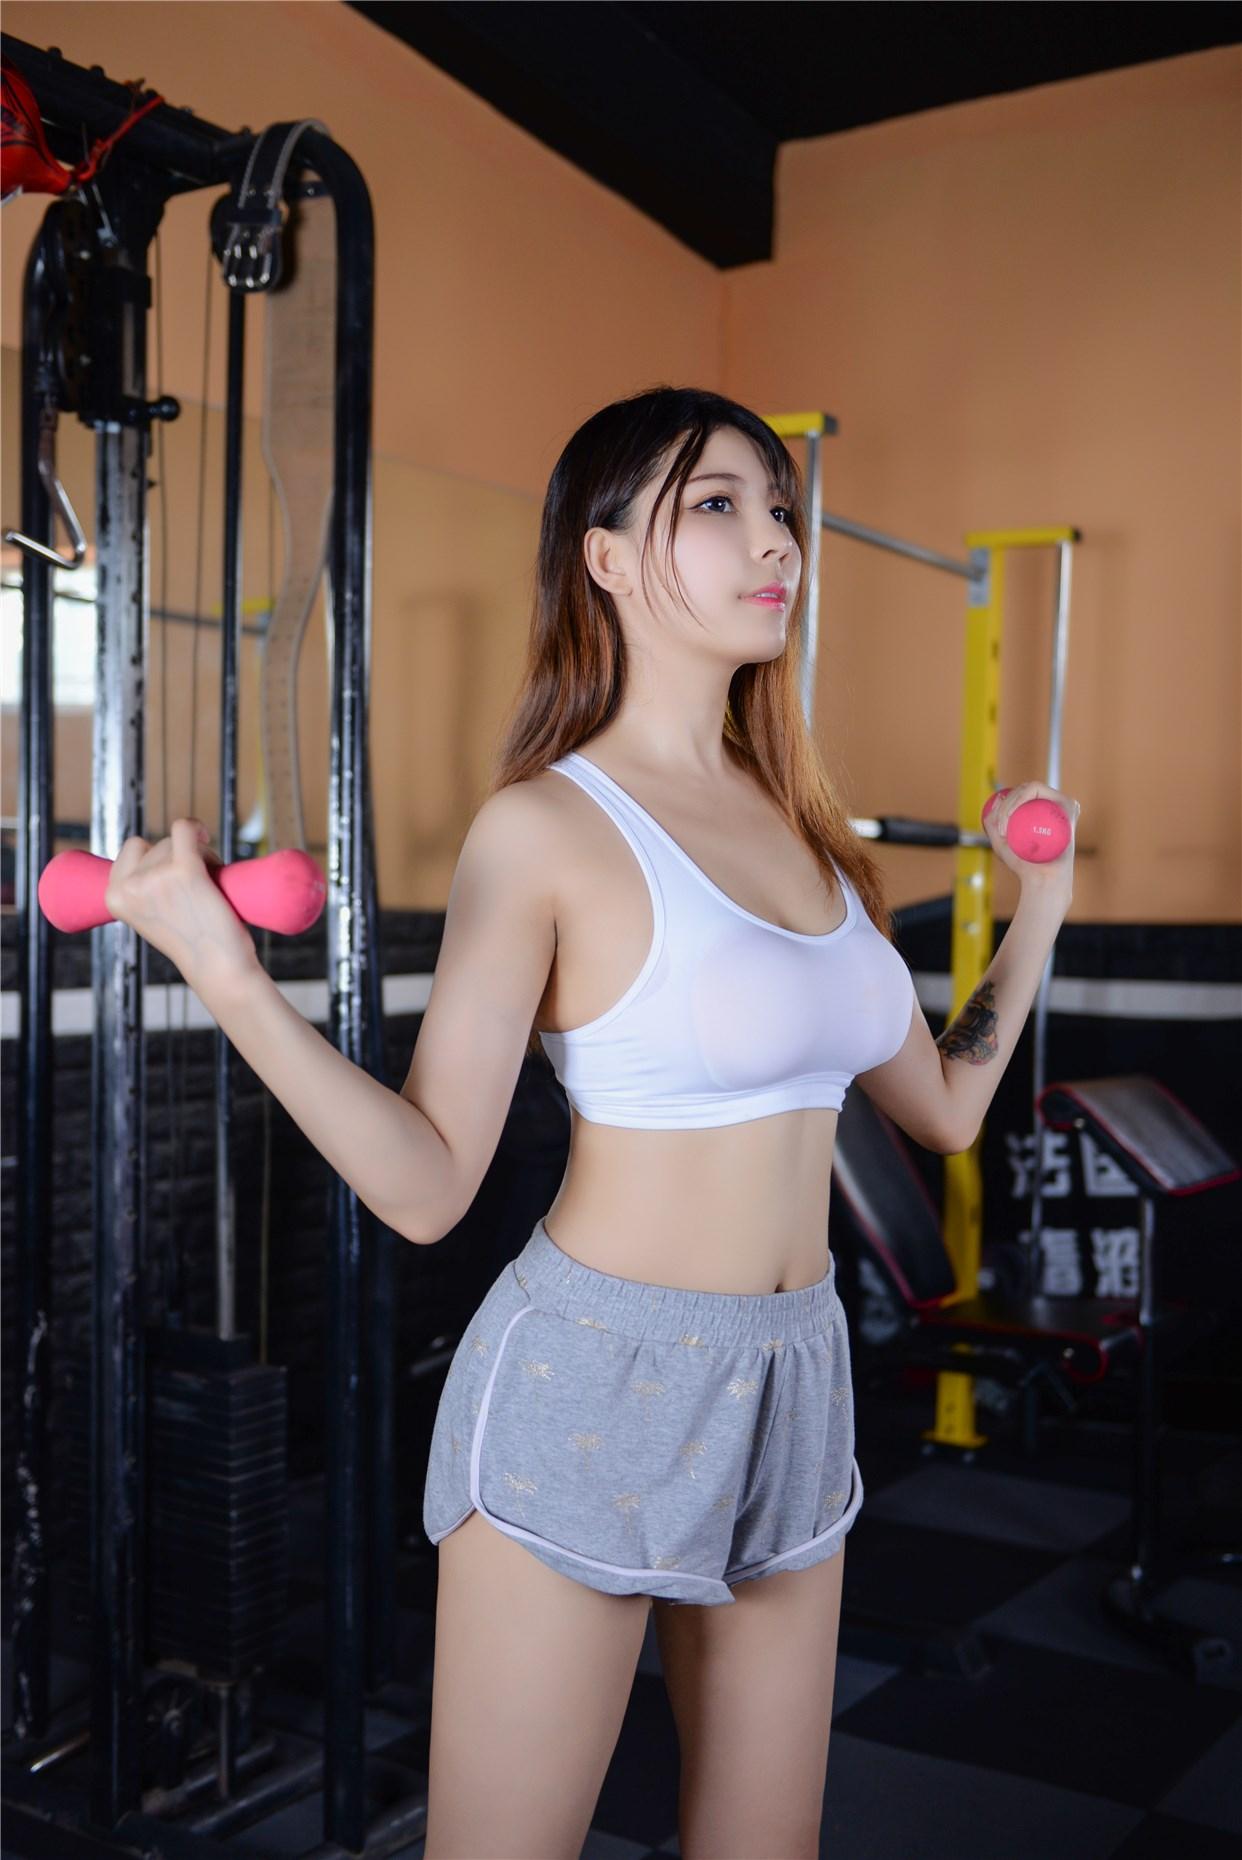 【兔玩映画】健身房的美少女 兔玩映画 第41张